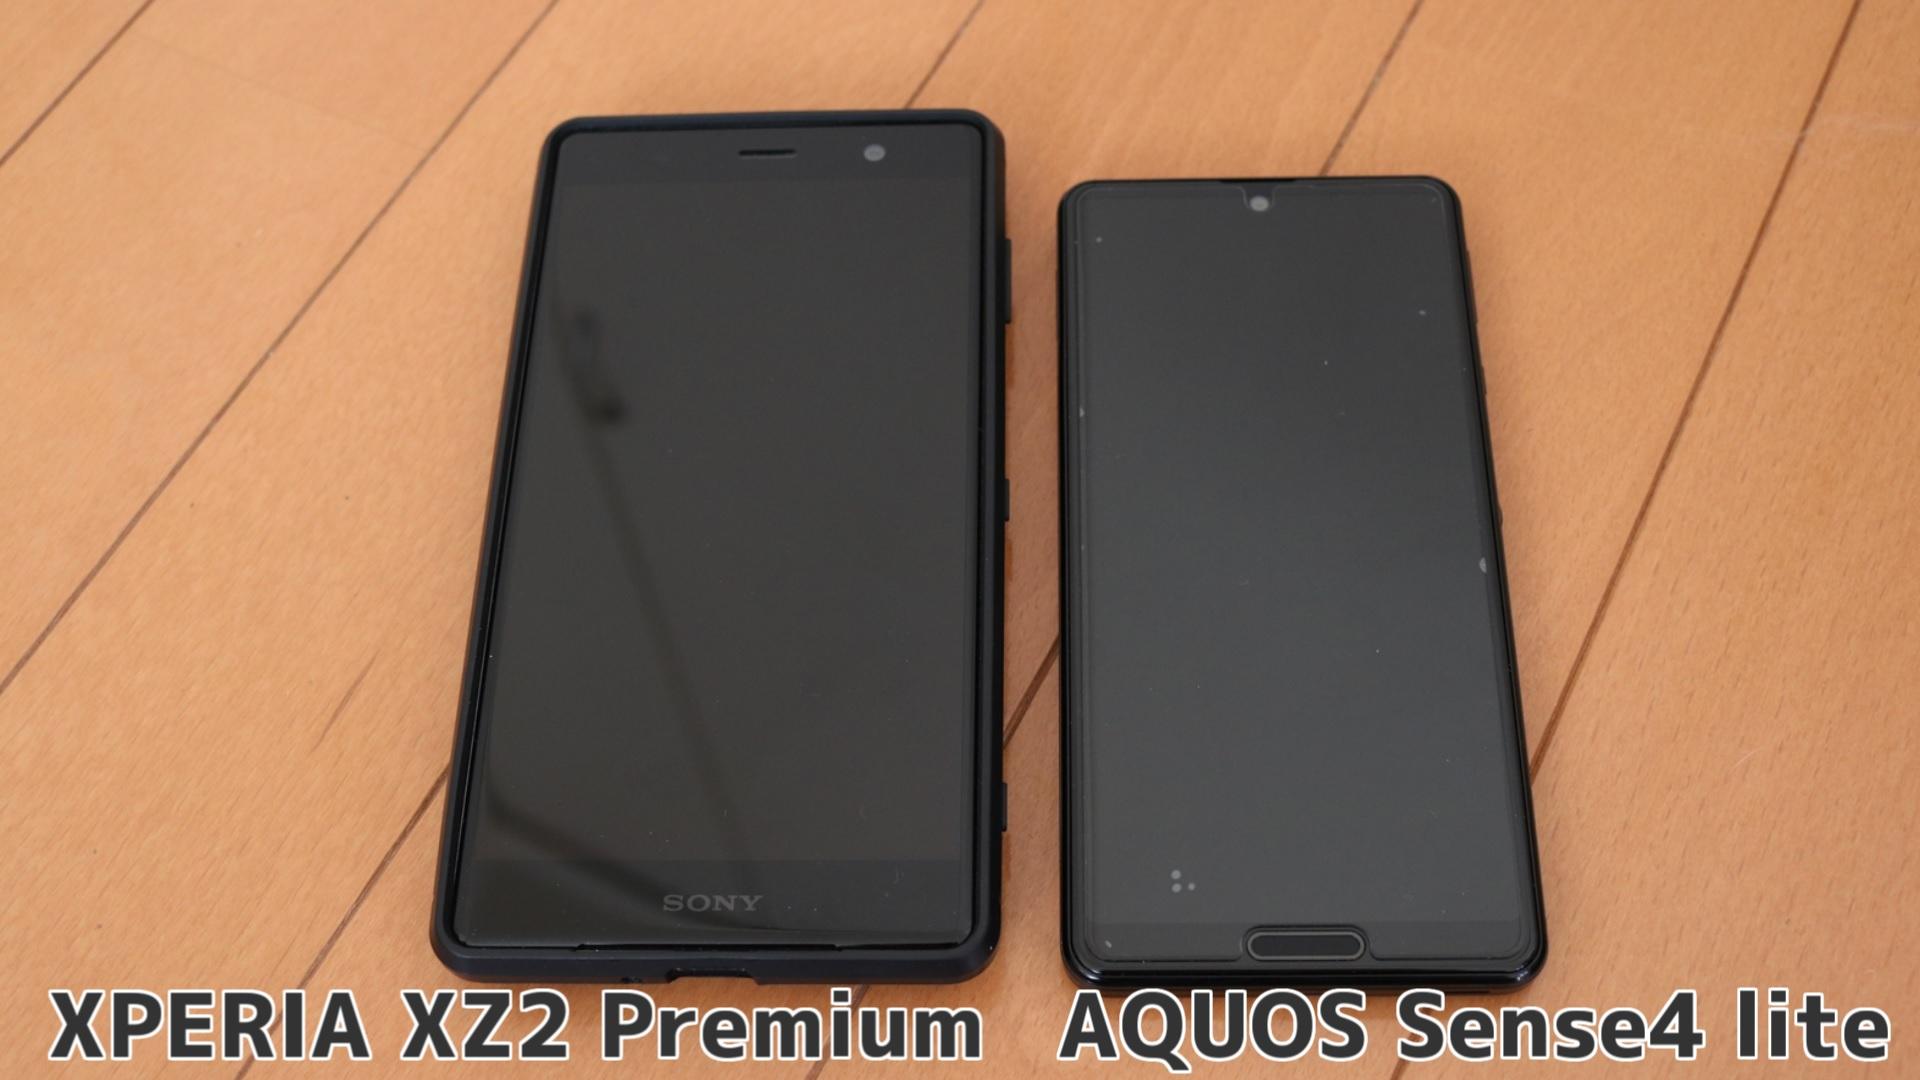 左がXPERIA XZ2 Premium、右がAQUOS sense4 liteです。